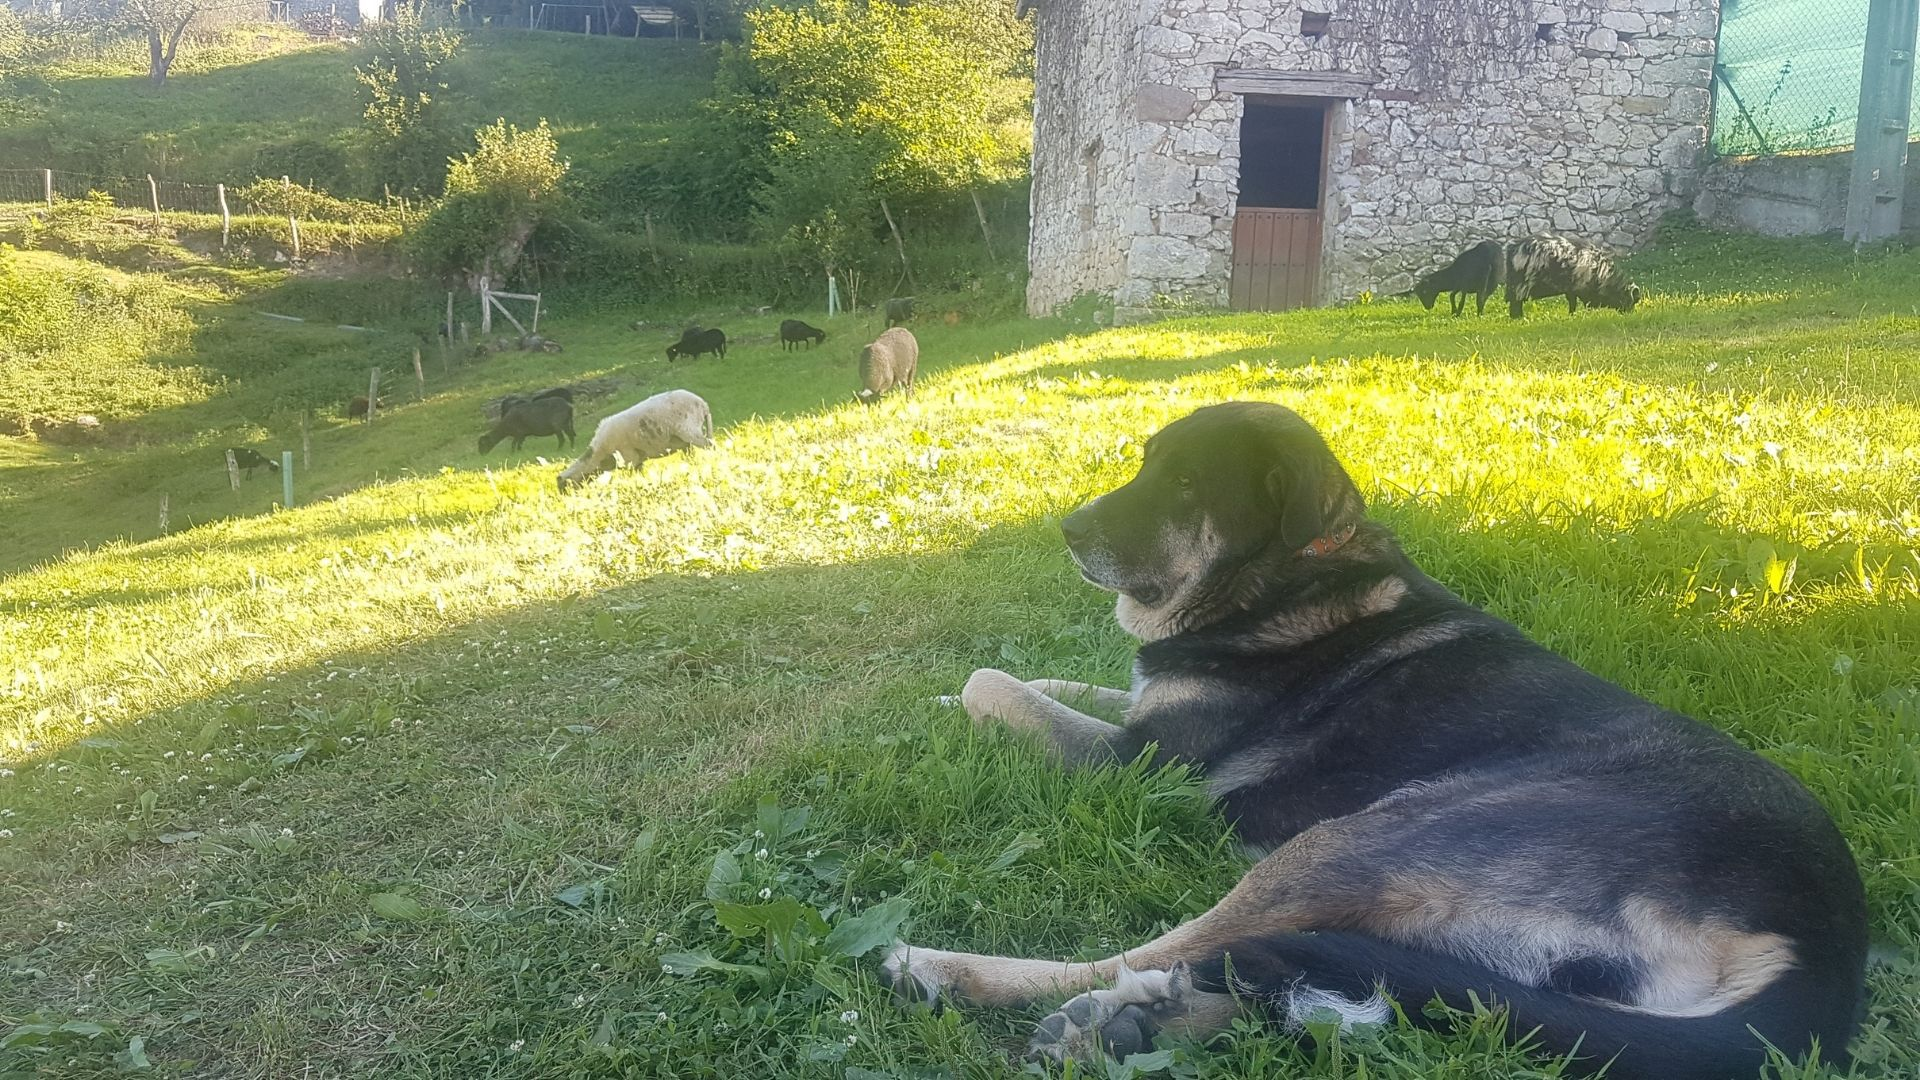 Un mastín descansa en la finca, con las ovejas xaldas pastando